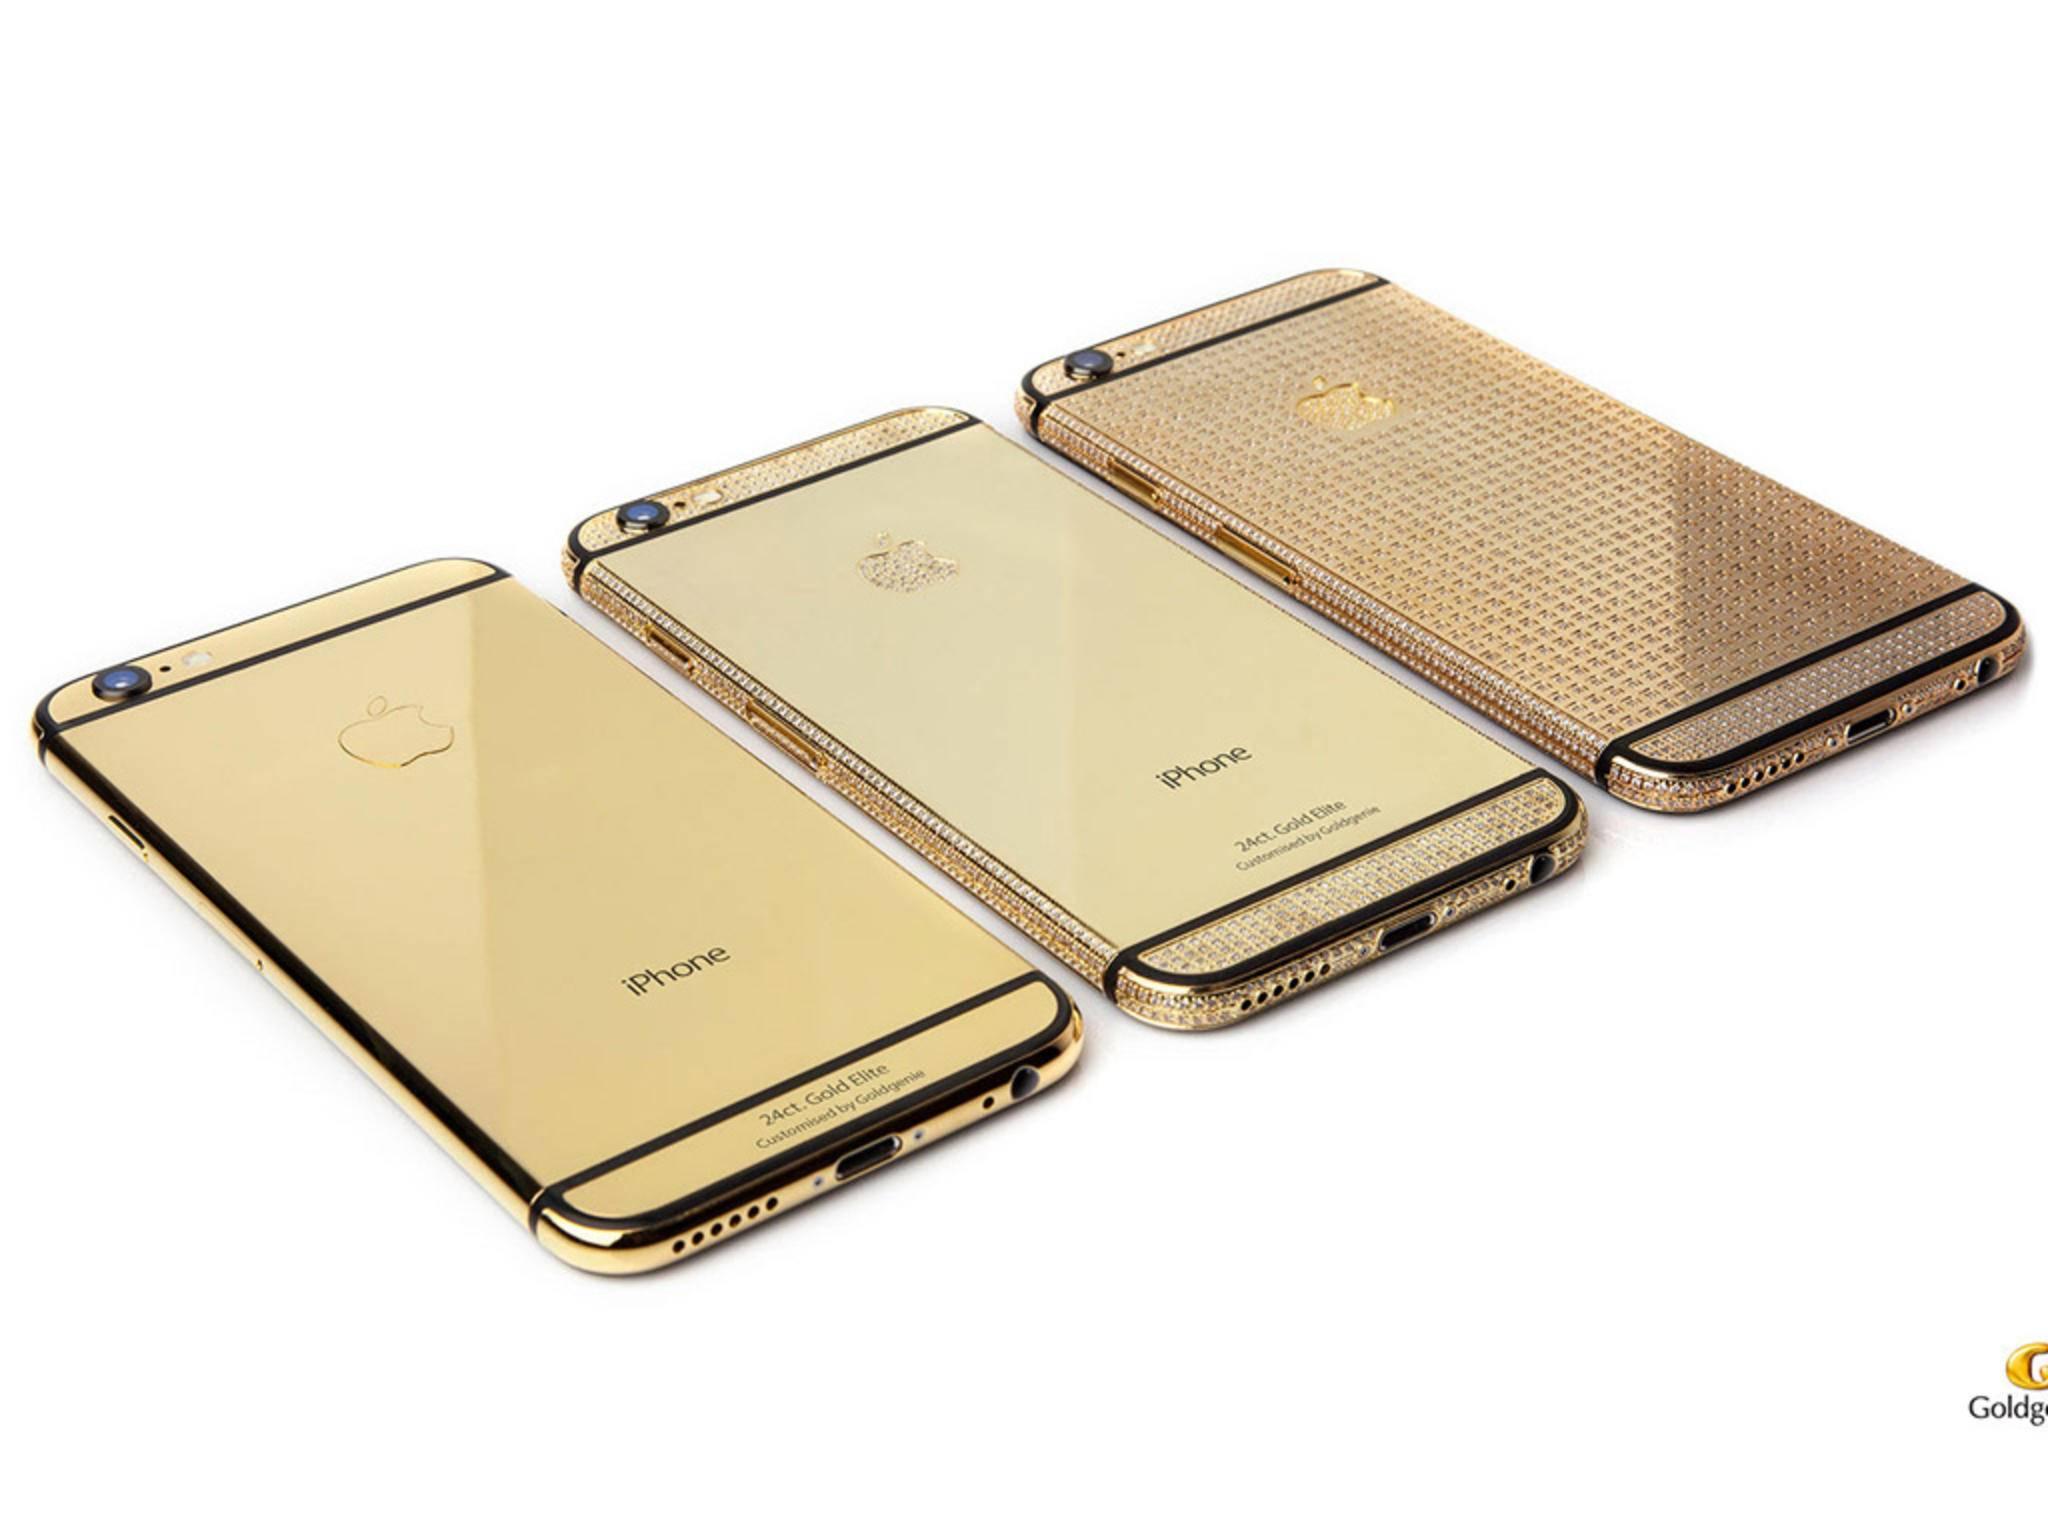 Ab Montag können die Luxus-Ausführungen des iPhone 6s vorbestellt werden.